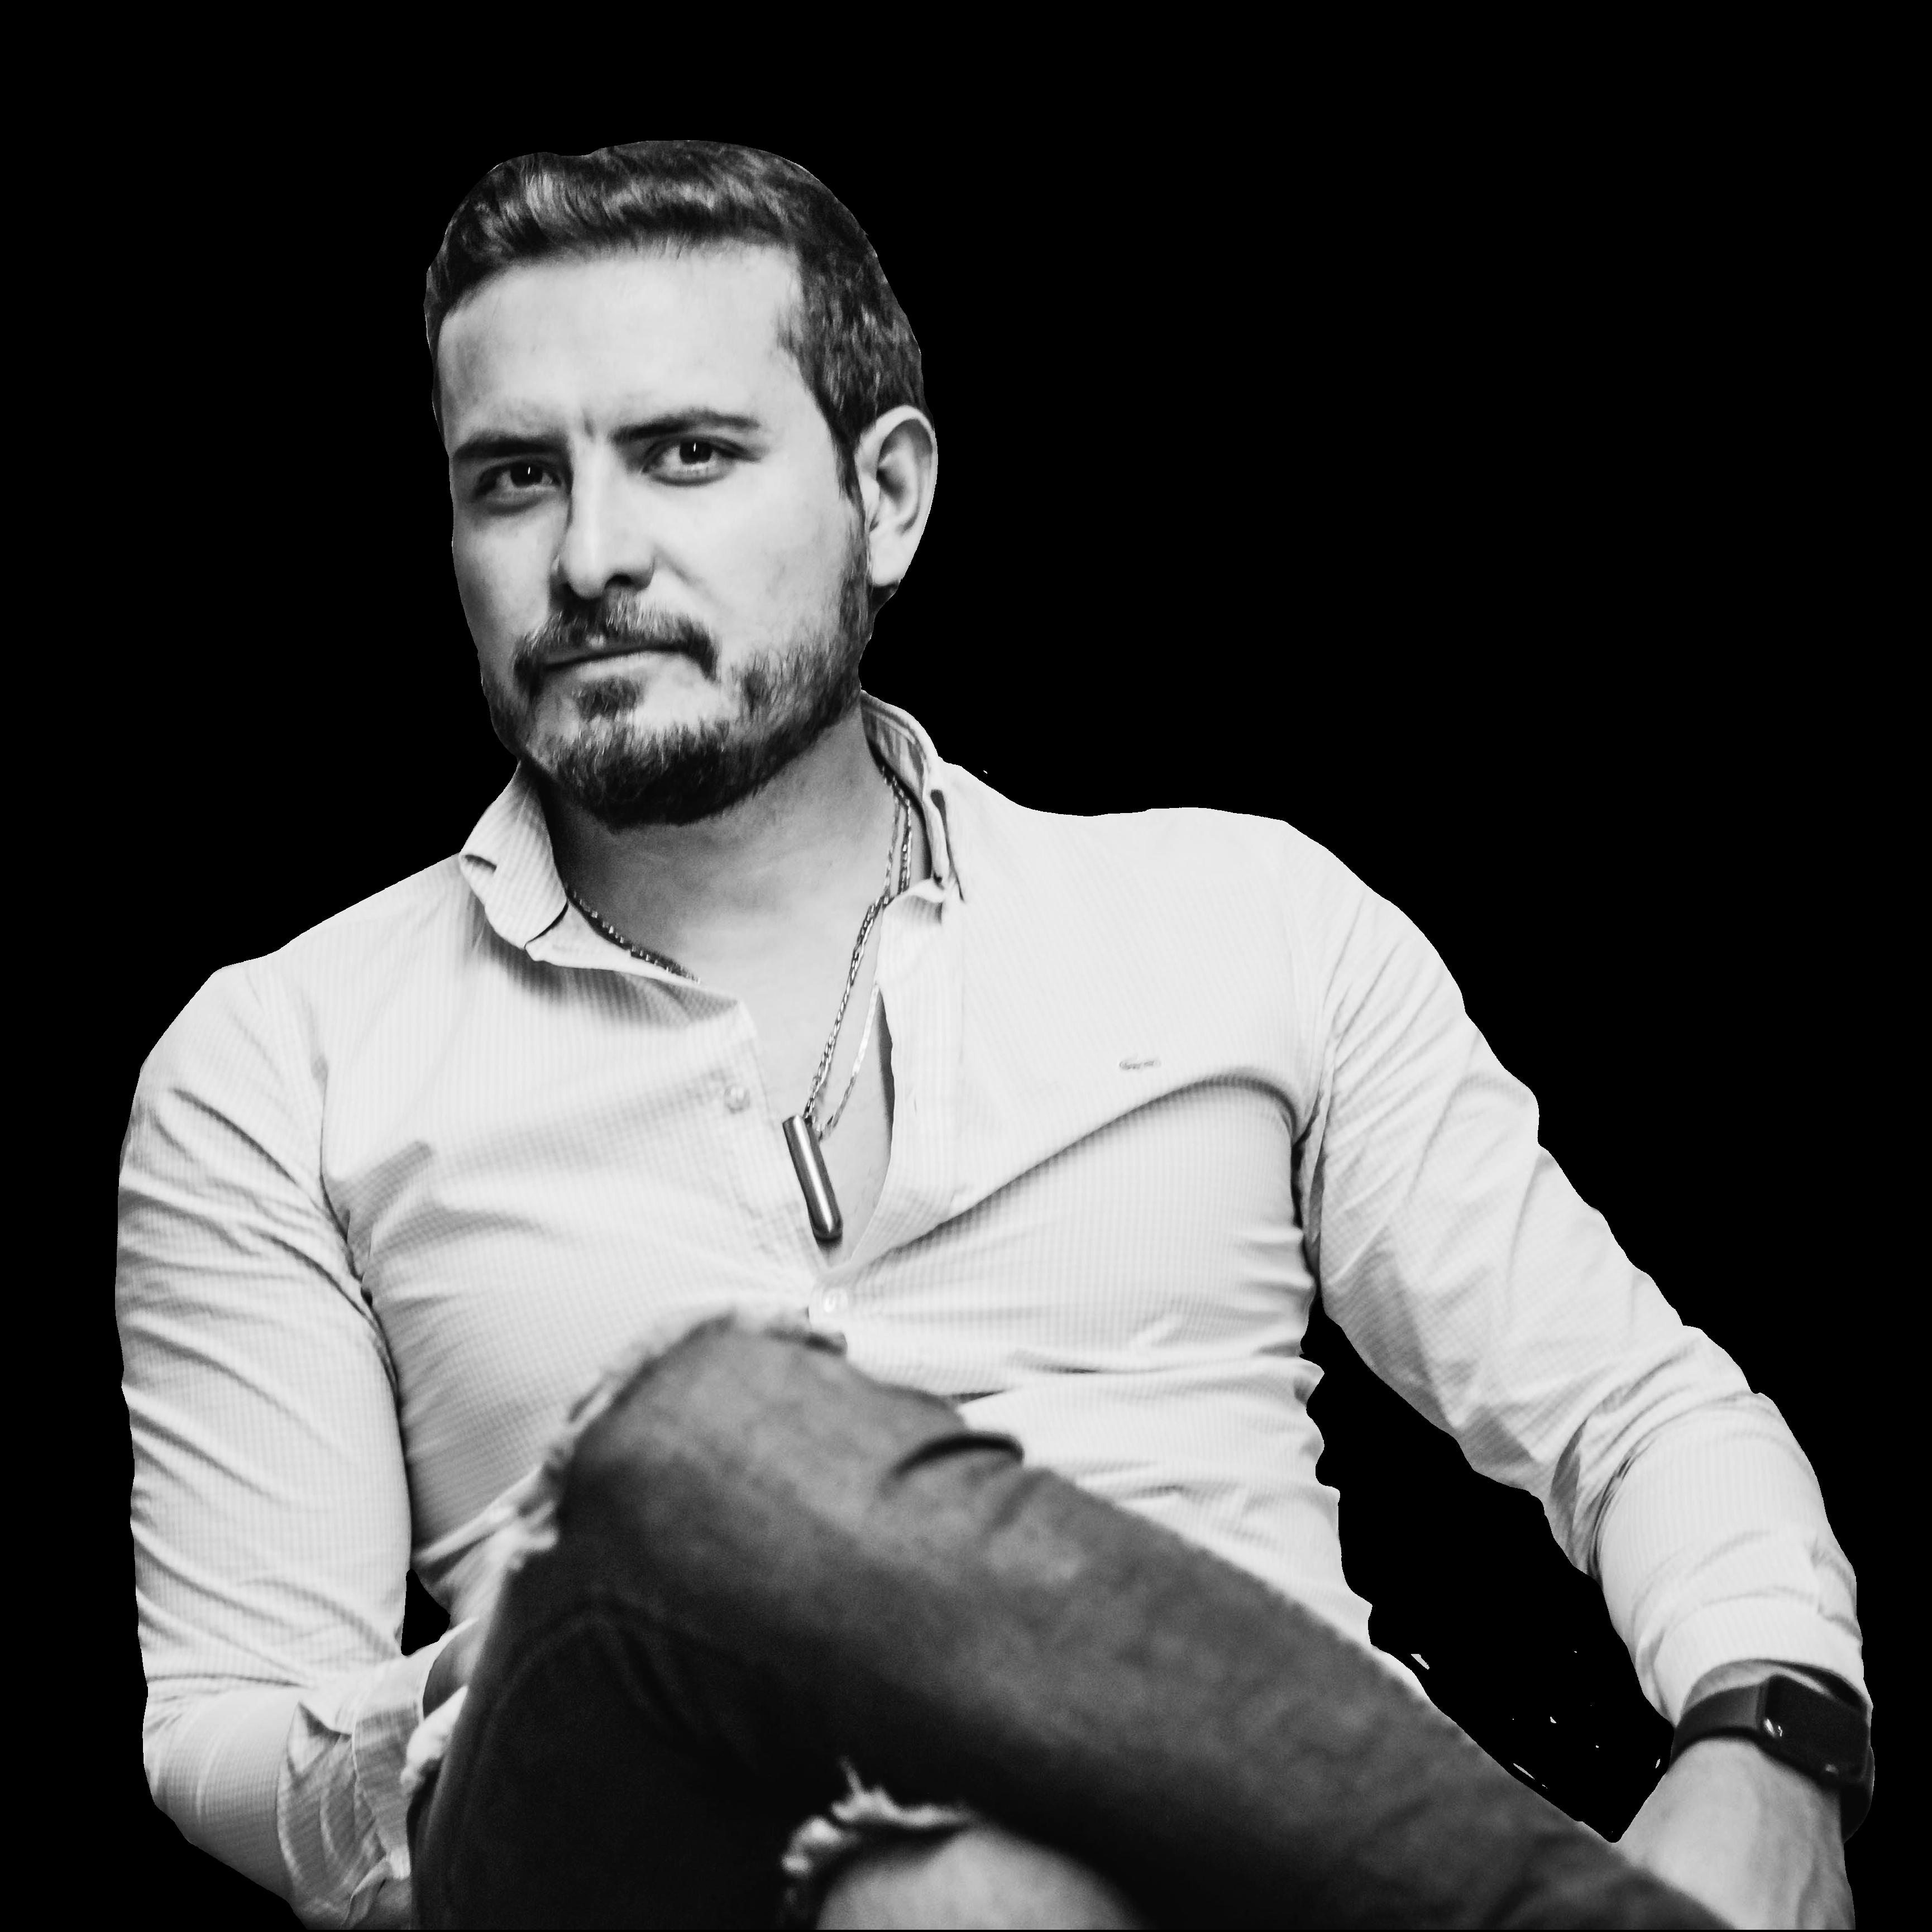 Alejandro Toral